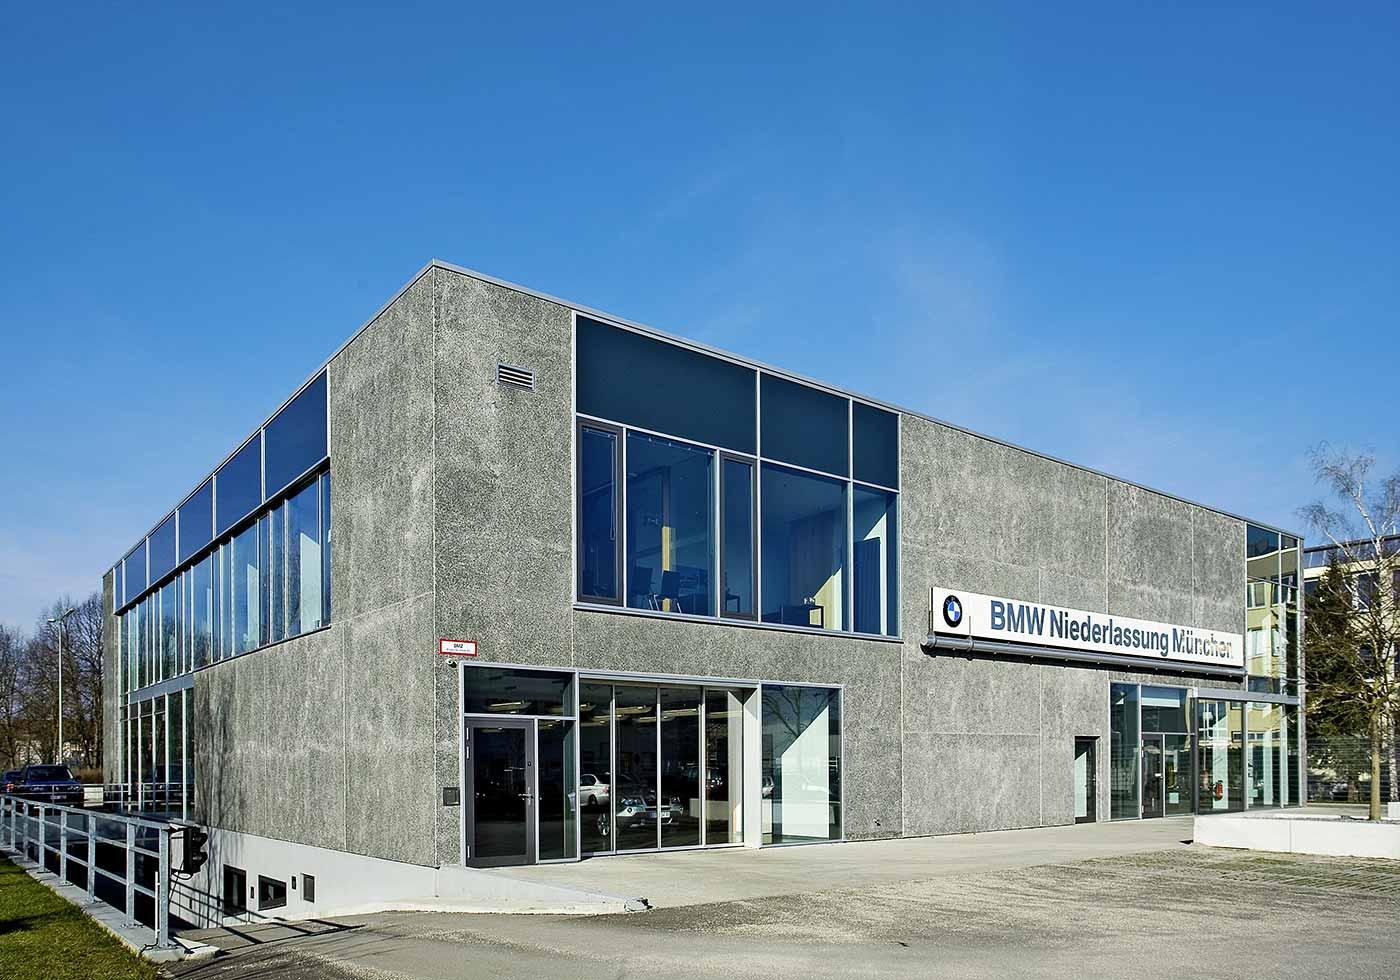 BMW Zentrum Gebrauchte Automobile, München, DE